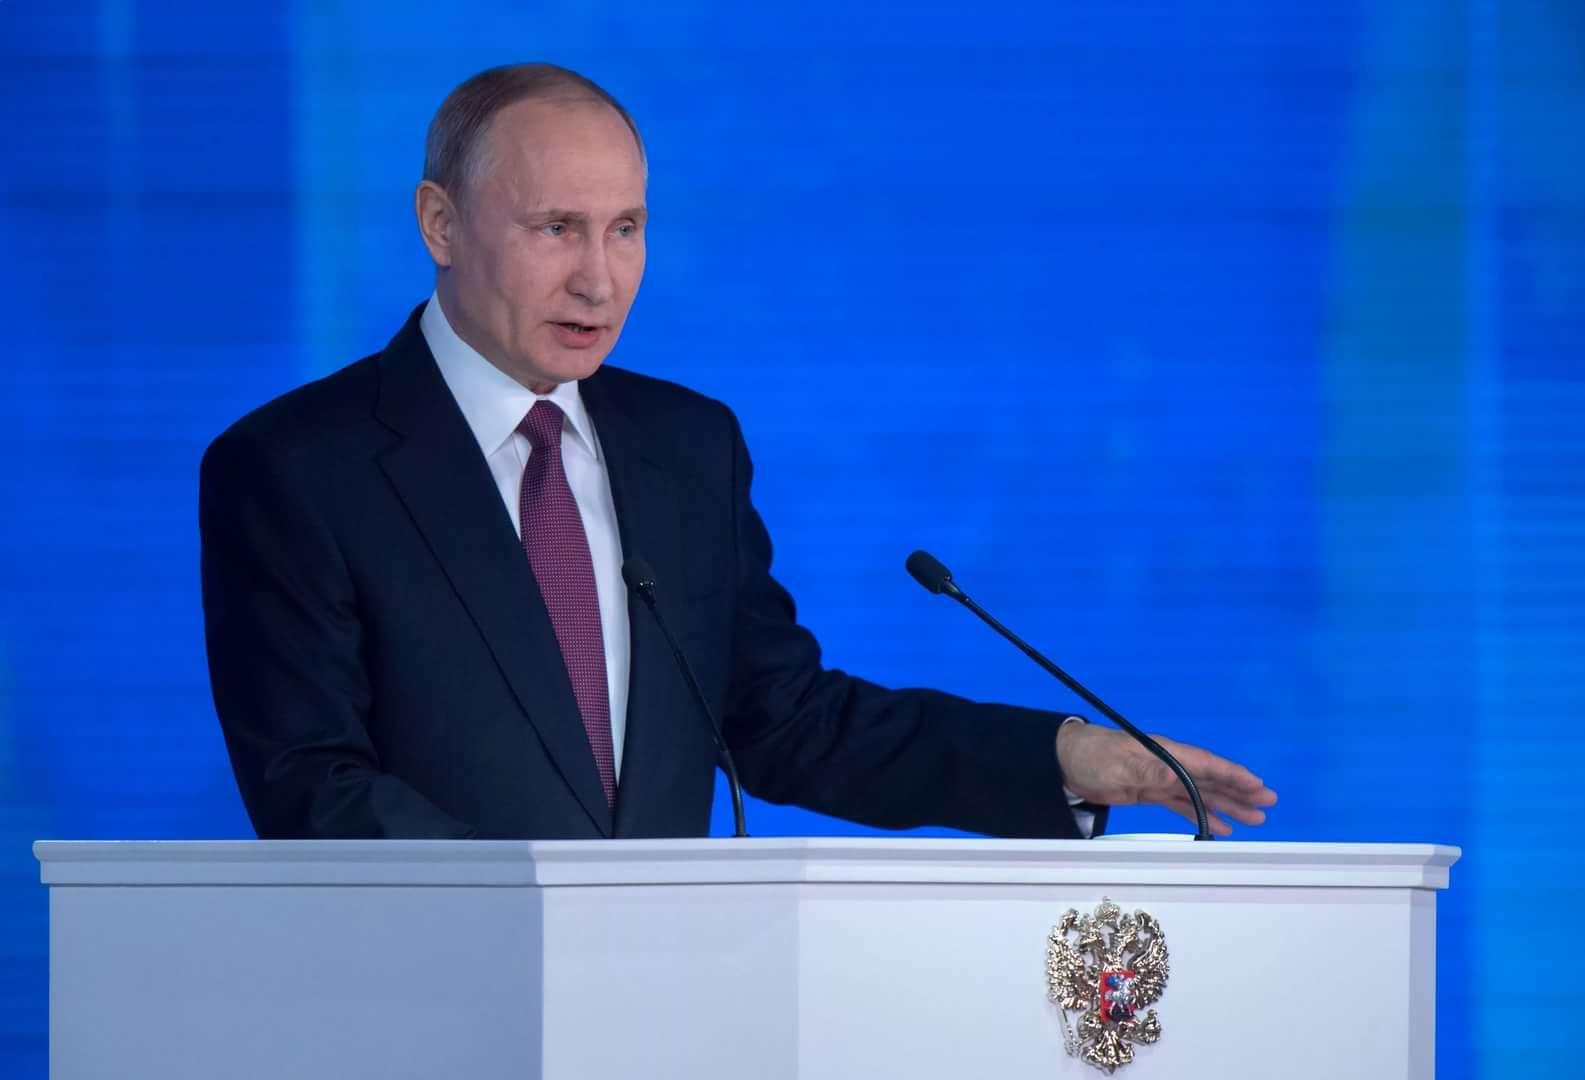 Глава государства Владимир Путин анонсировал новые выплаты на детей до 16 лет